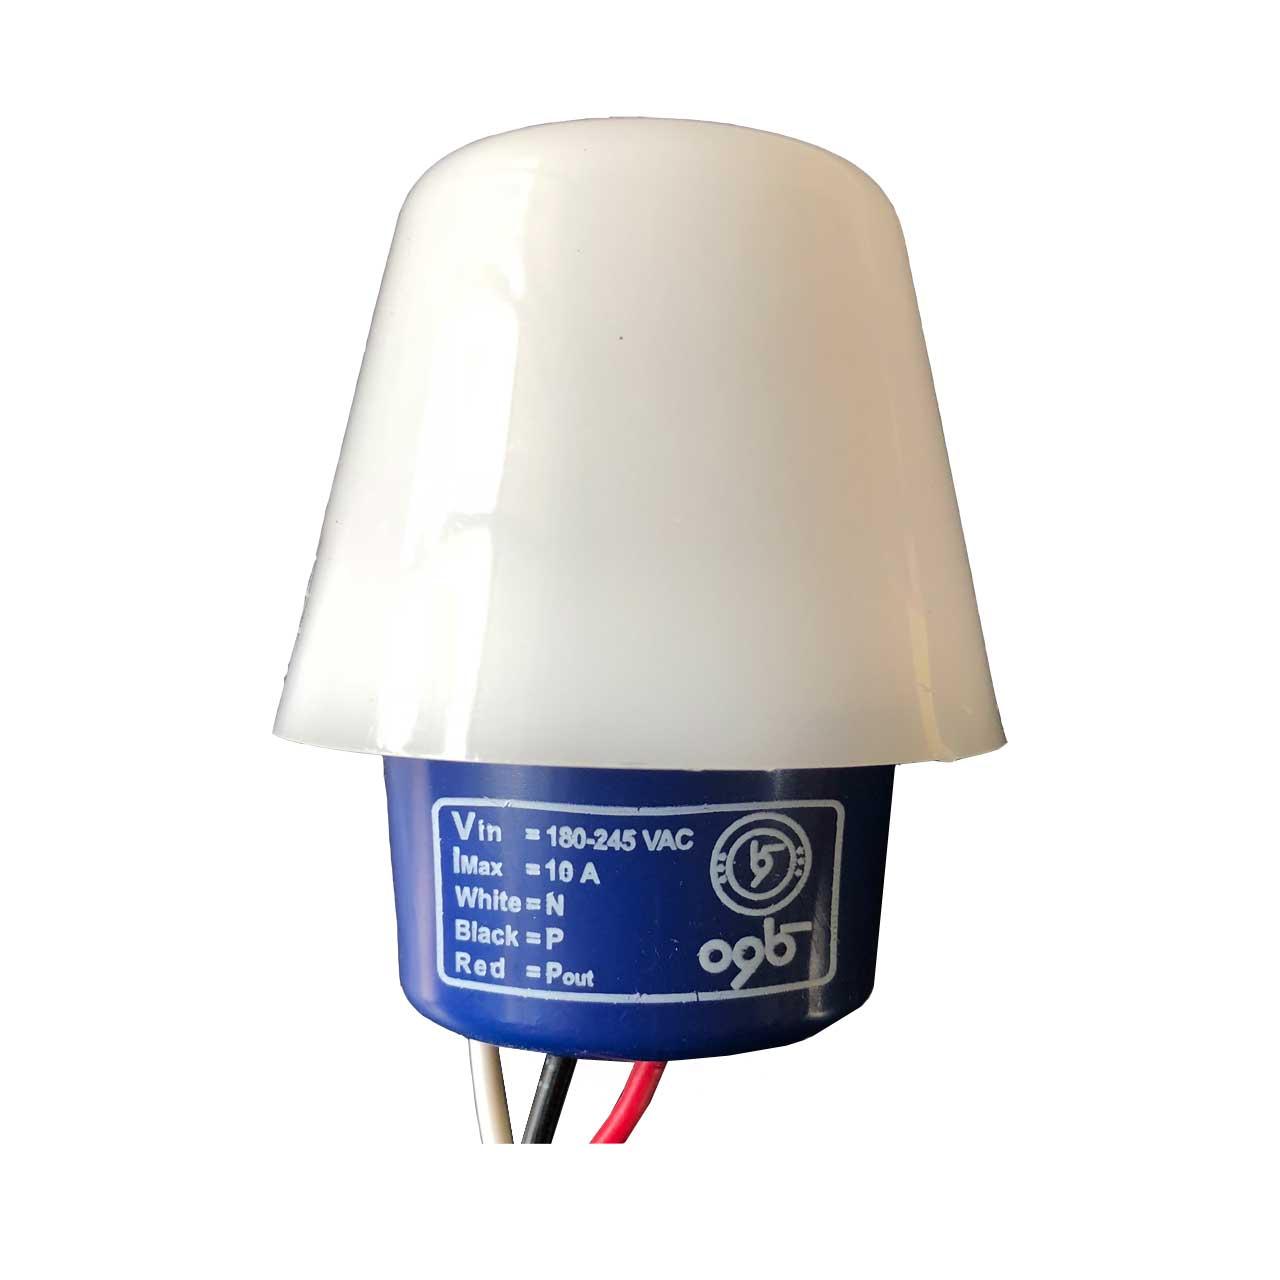 رله روشنایی فتوسل کاوه مدل KPH 210 کد 10A